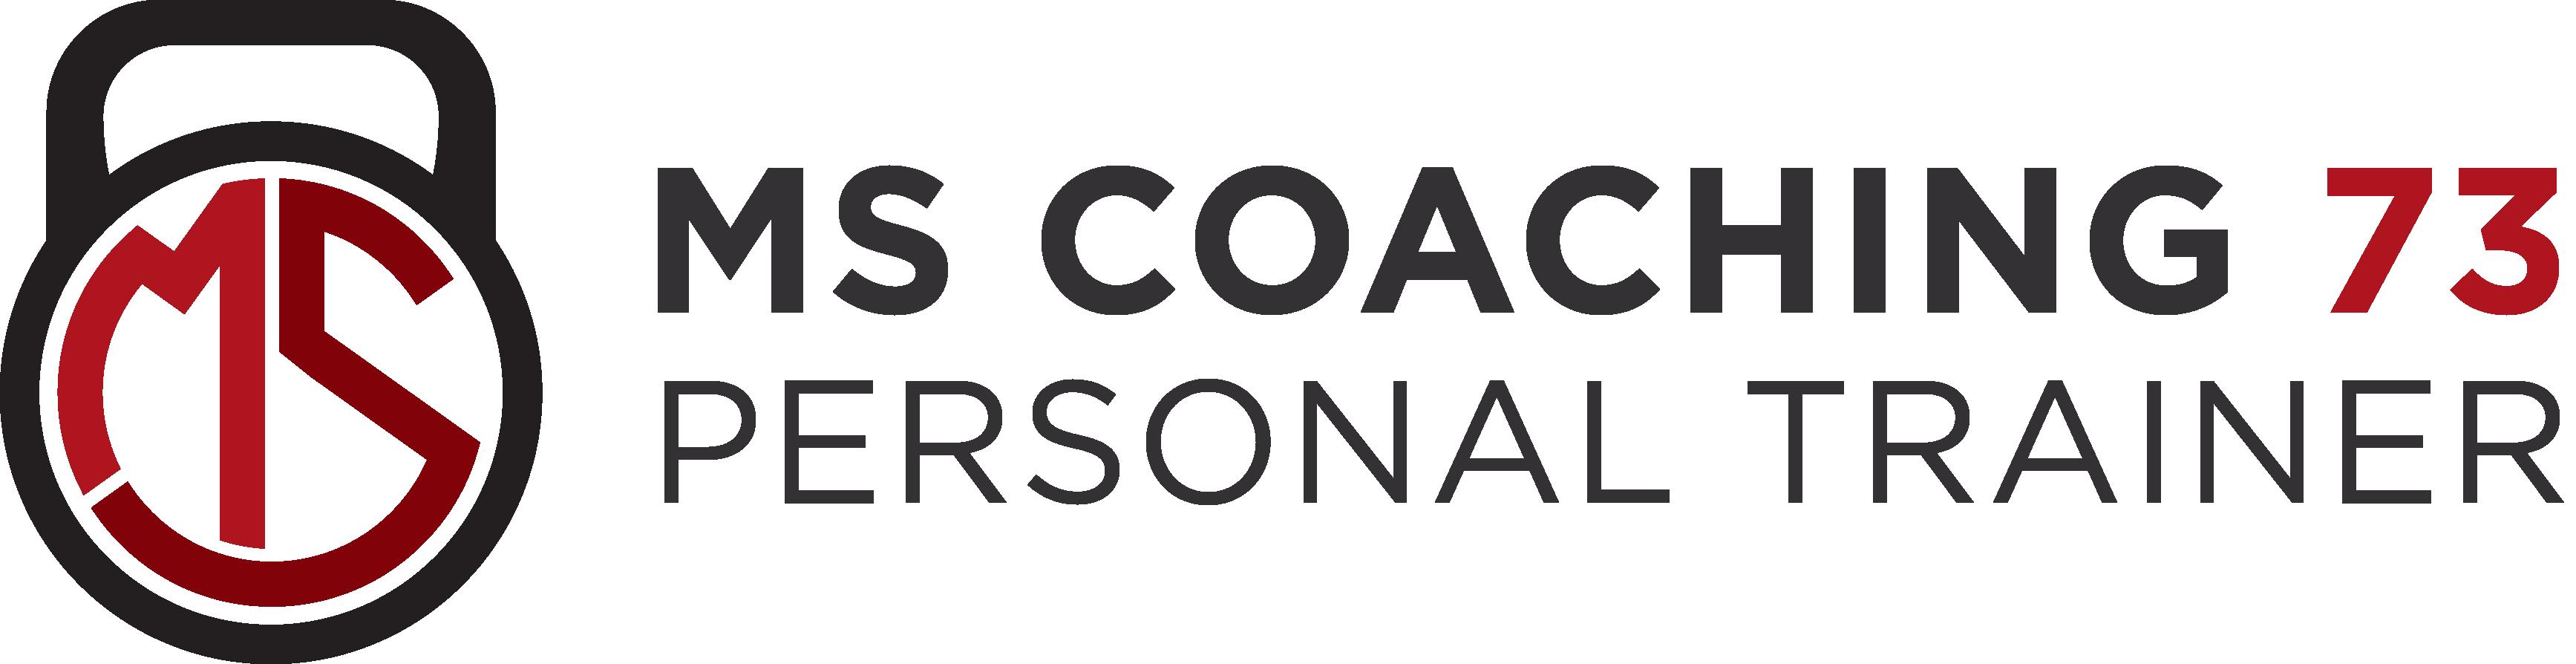 MS Coaching 73